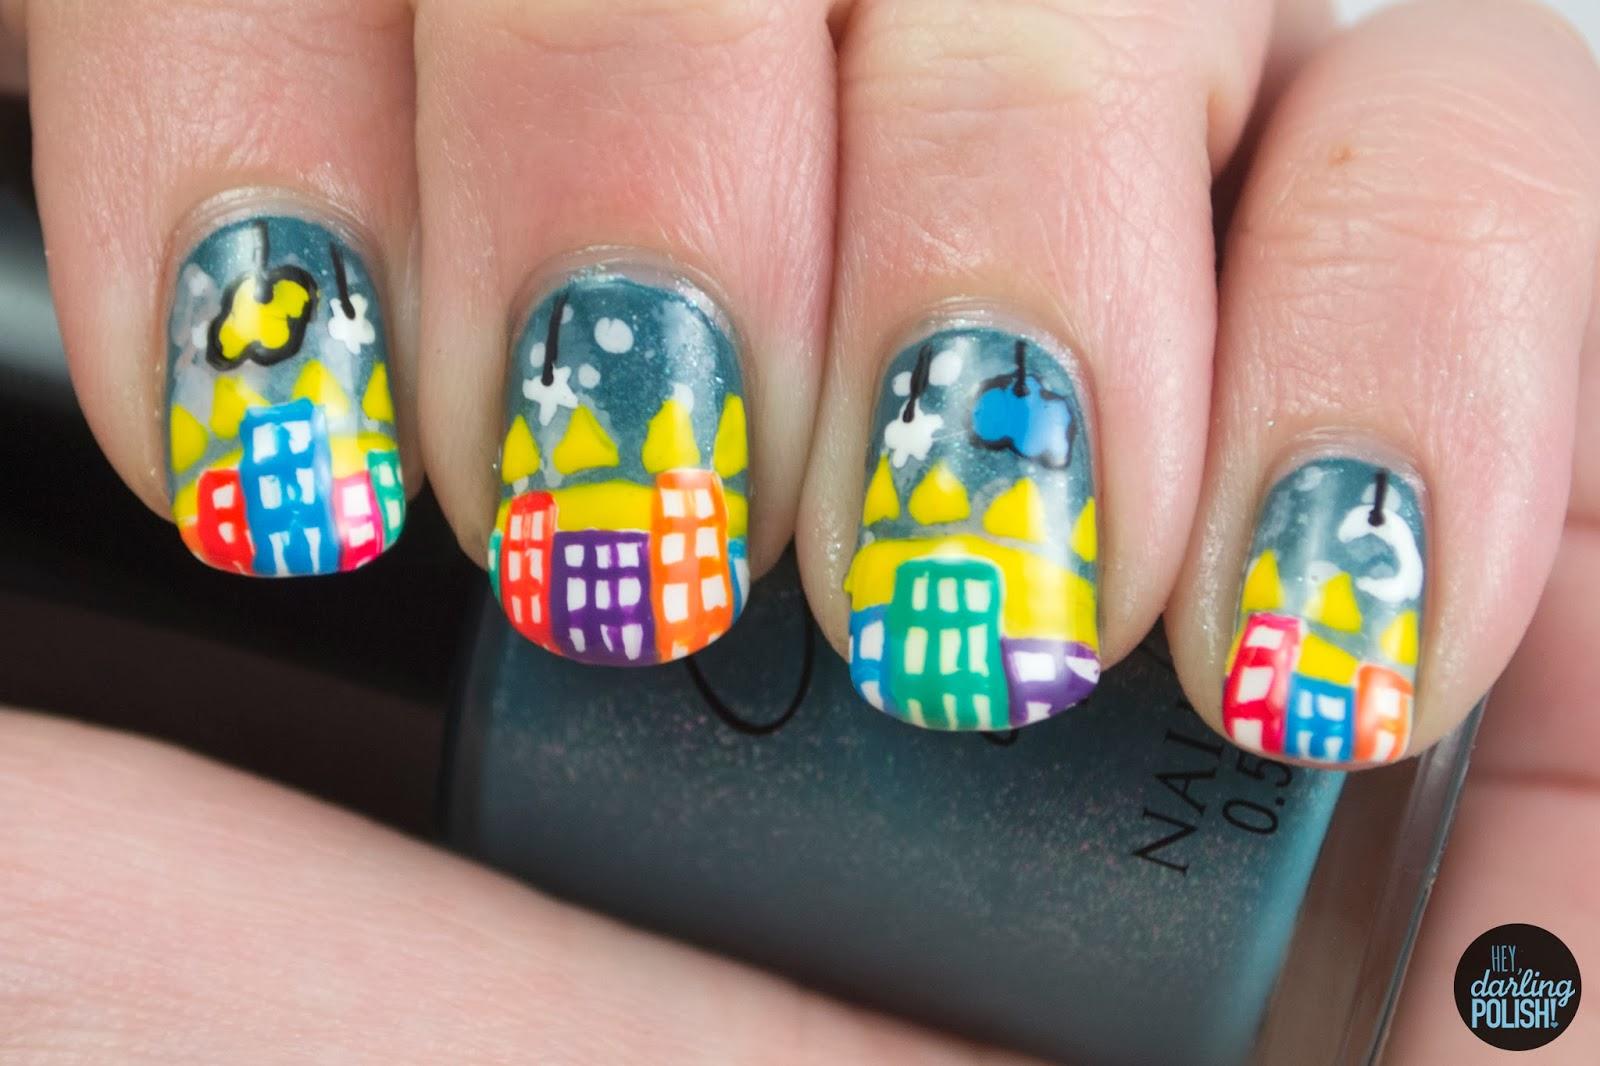 nails, nail art, nail polish, polish, music monday, the morning of, the world as we know it, hey darling polish